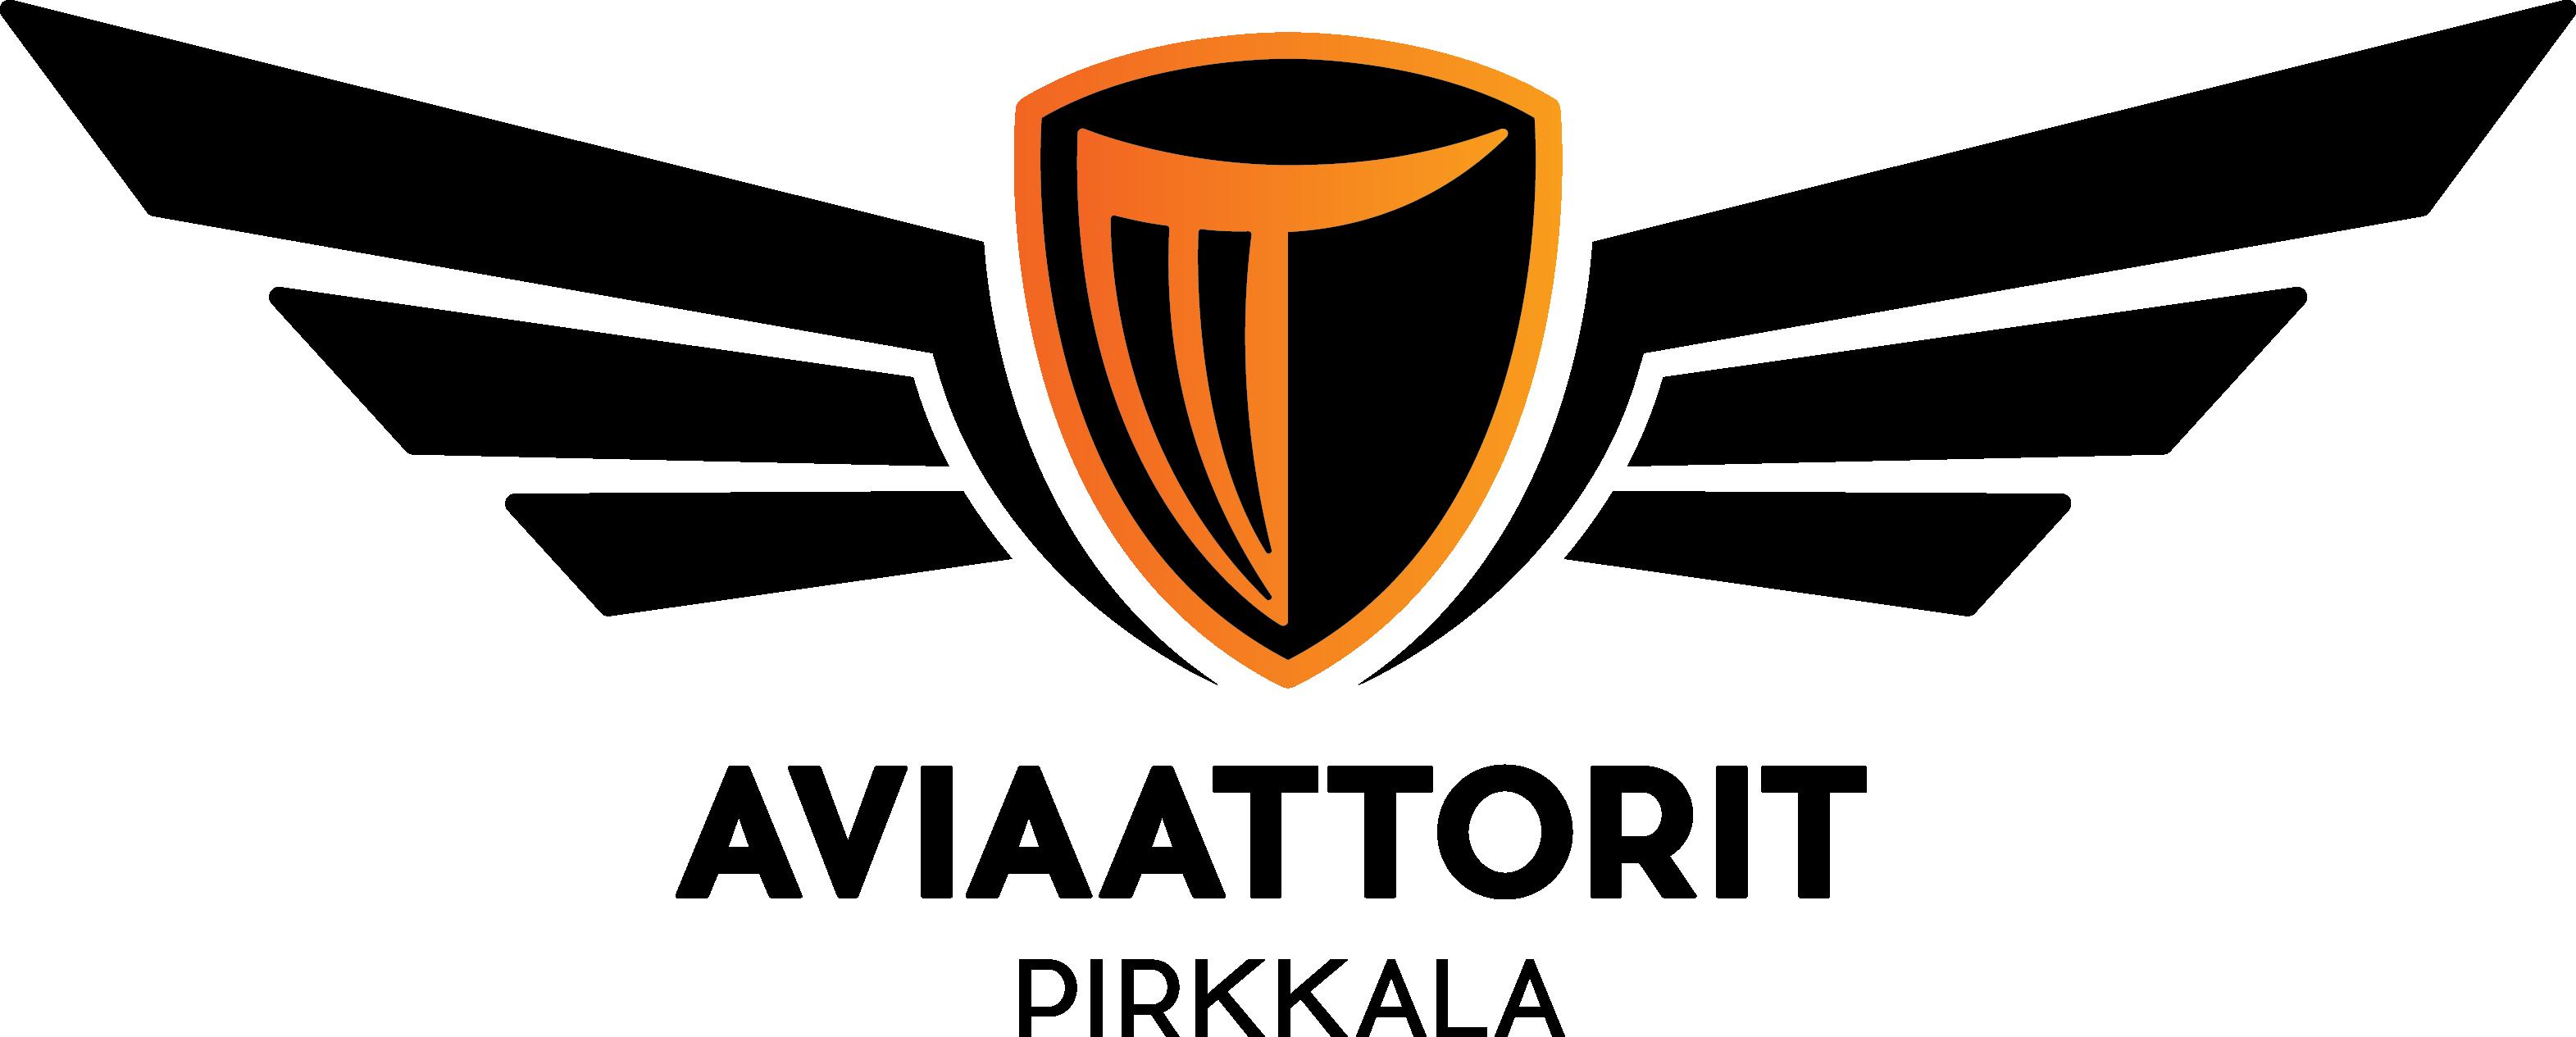 Aviaattorit logo